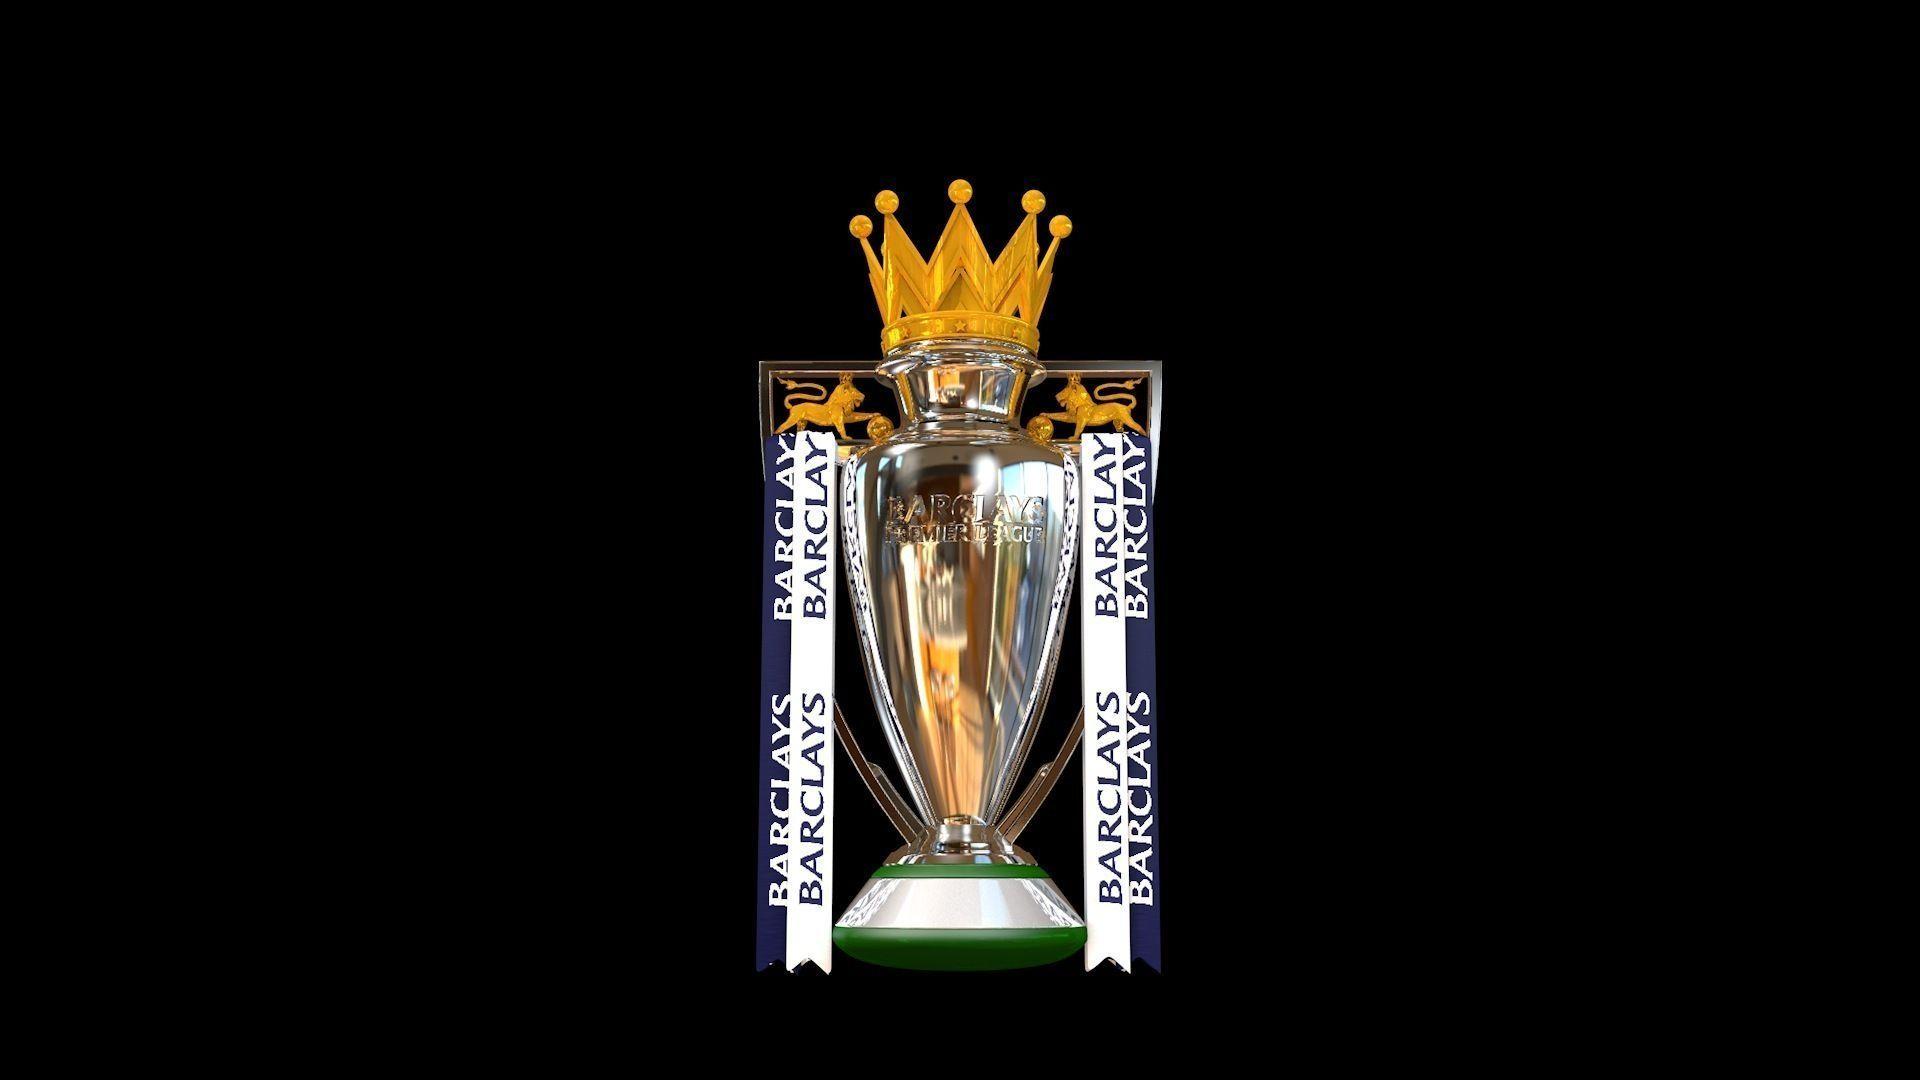 English Premier League Trophy 2015 2016 3d Model Animated C4d 1